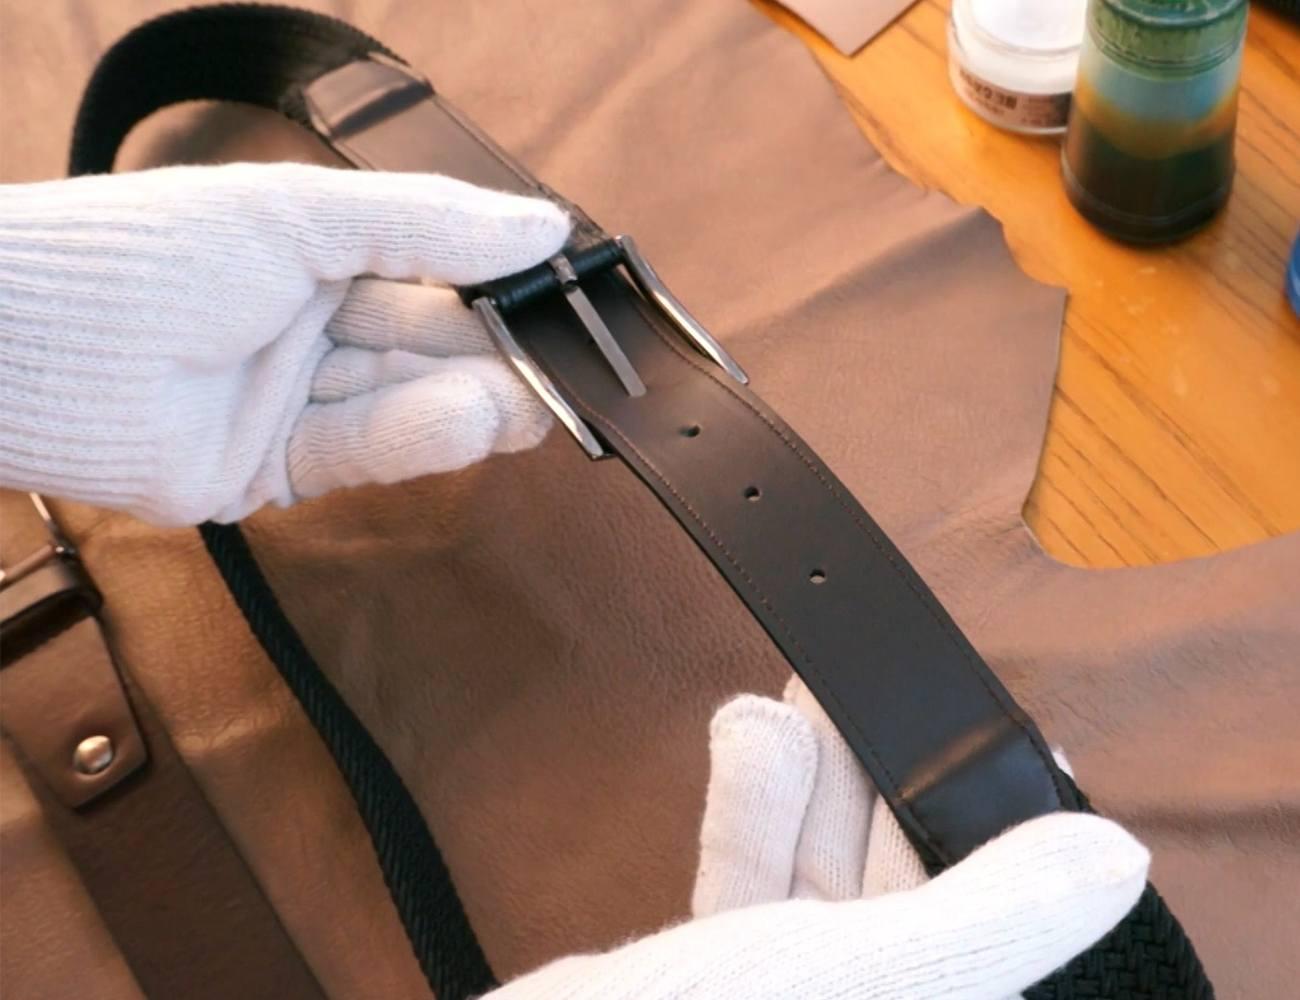 FitsAll Belt – Most Comfortable Dress Belt Ever